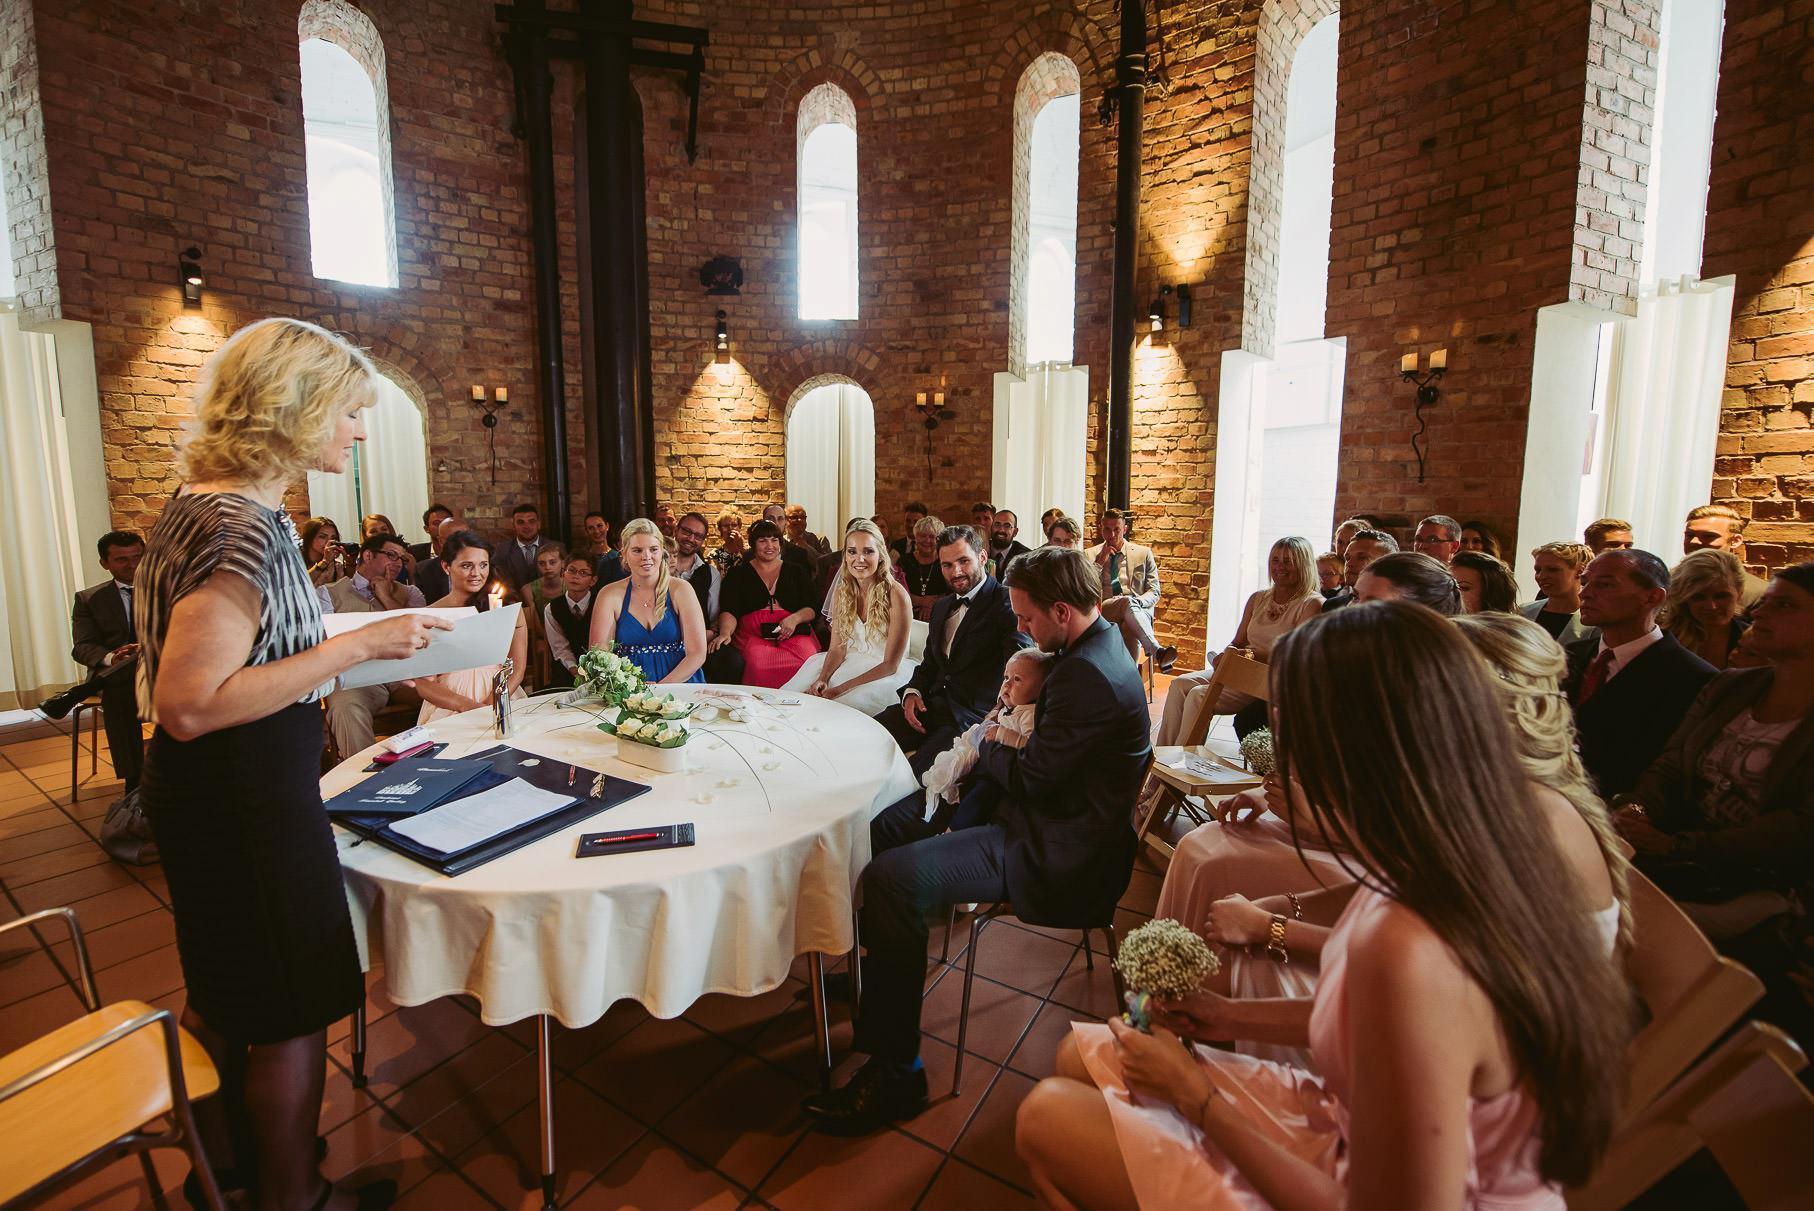 0026 jus 811 9511 - Hochzeit im Wasserturm Lüneburg - Jenny & Sascha